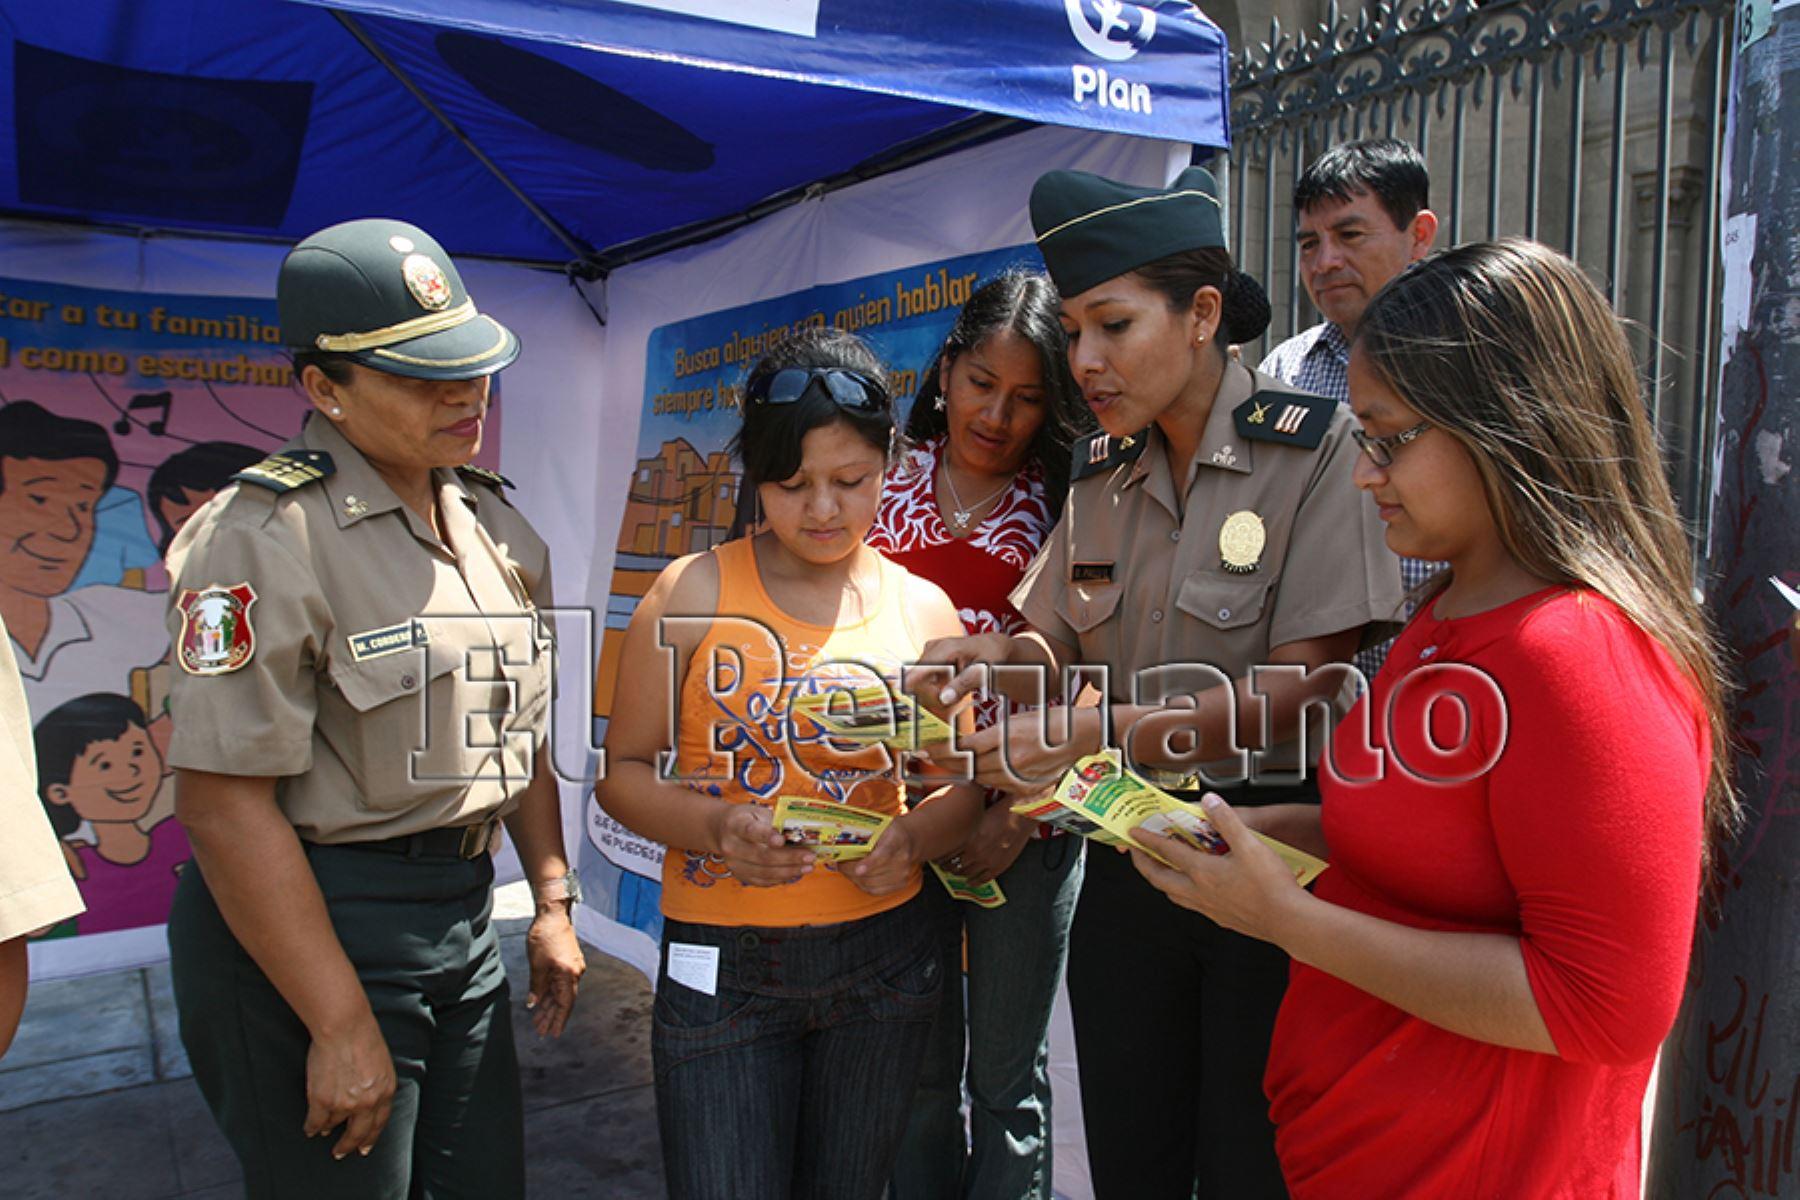 Lima – 01 abril 2010 / Campaña de orientación, contra la violencia familiar, mujeres policías PNP, orientan a la ciudadanía.  Foto: Archivo EL PERUANO